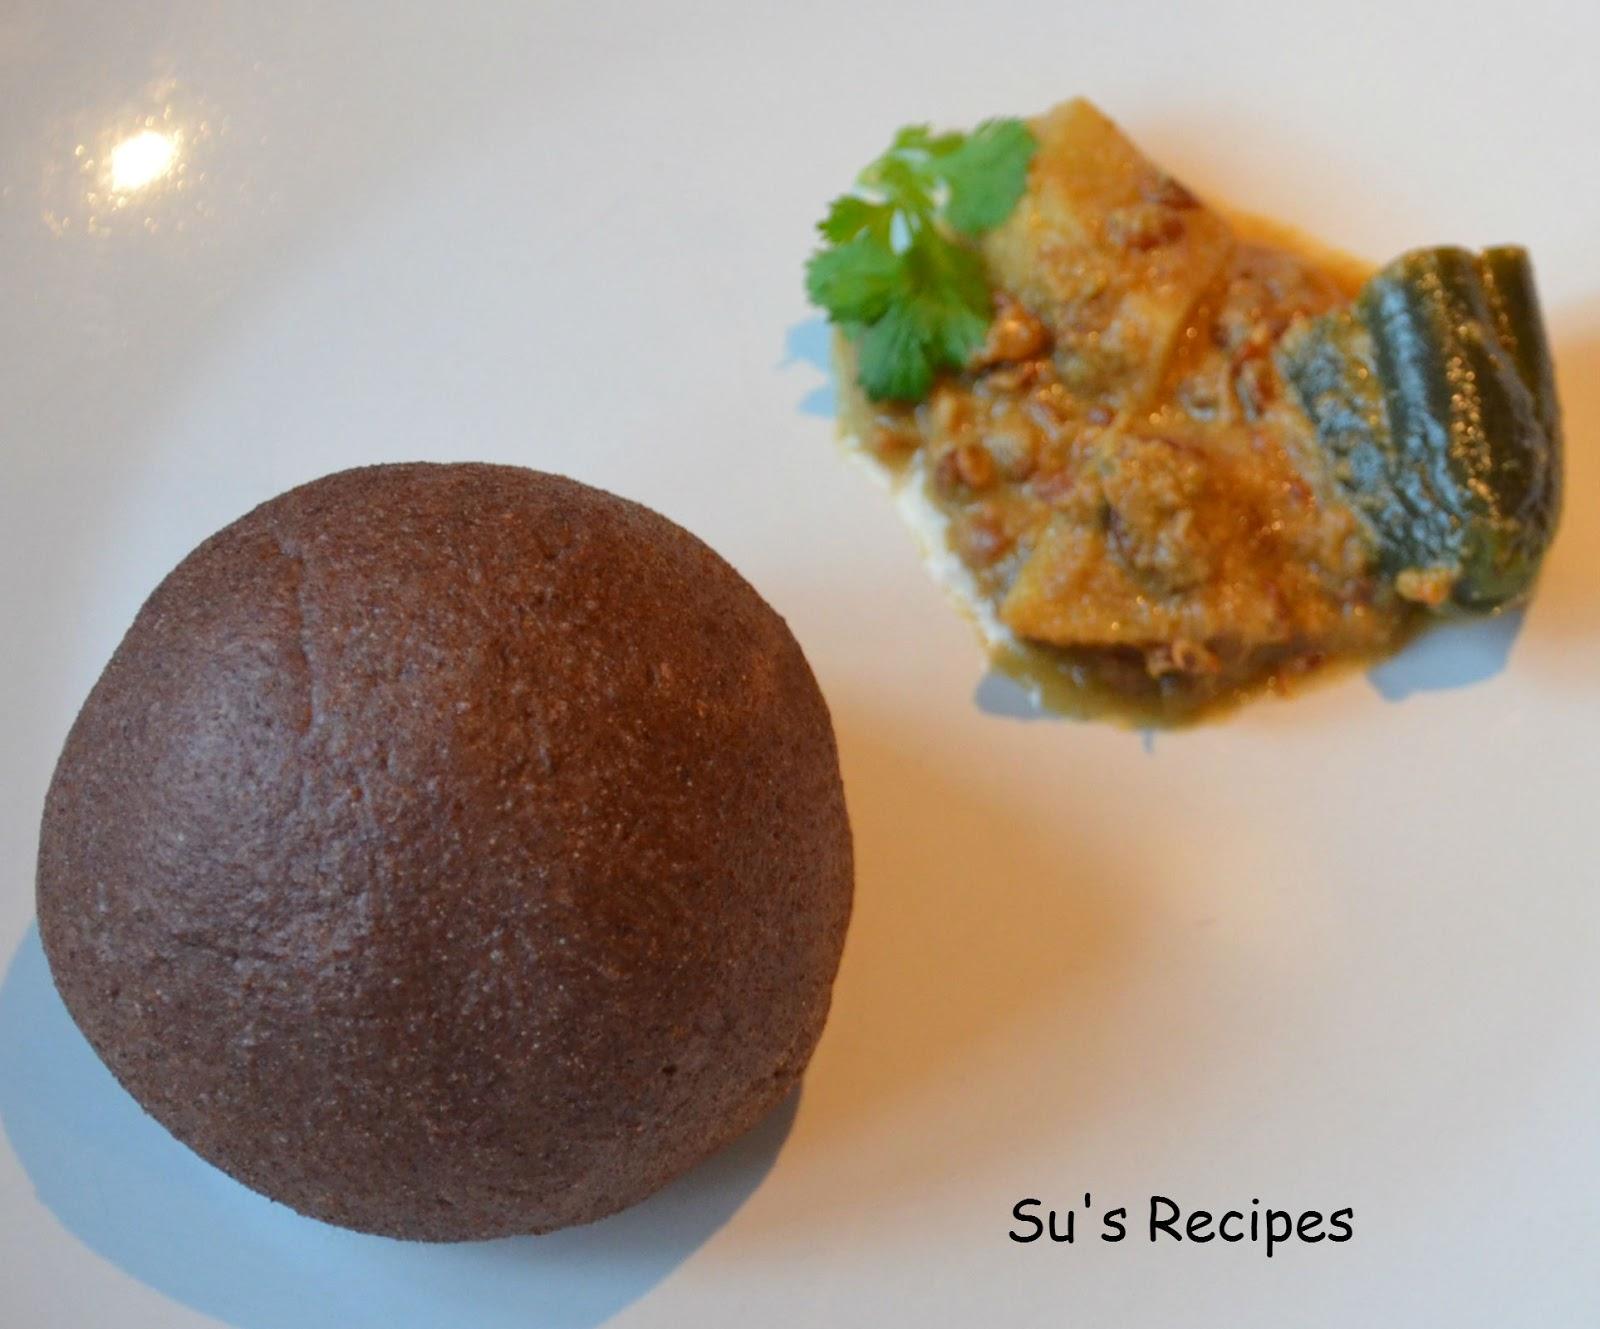 hurali saaru, ulava chaaru, horsegram curry, kollu kozhambu, kulith, muthira, kulitan saaru,